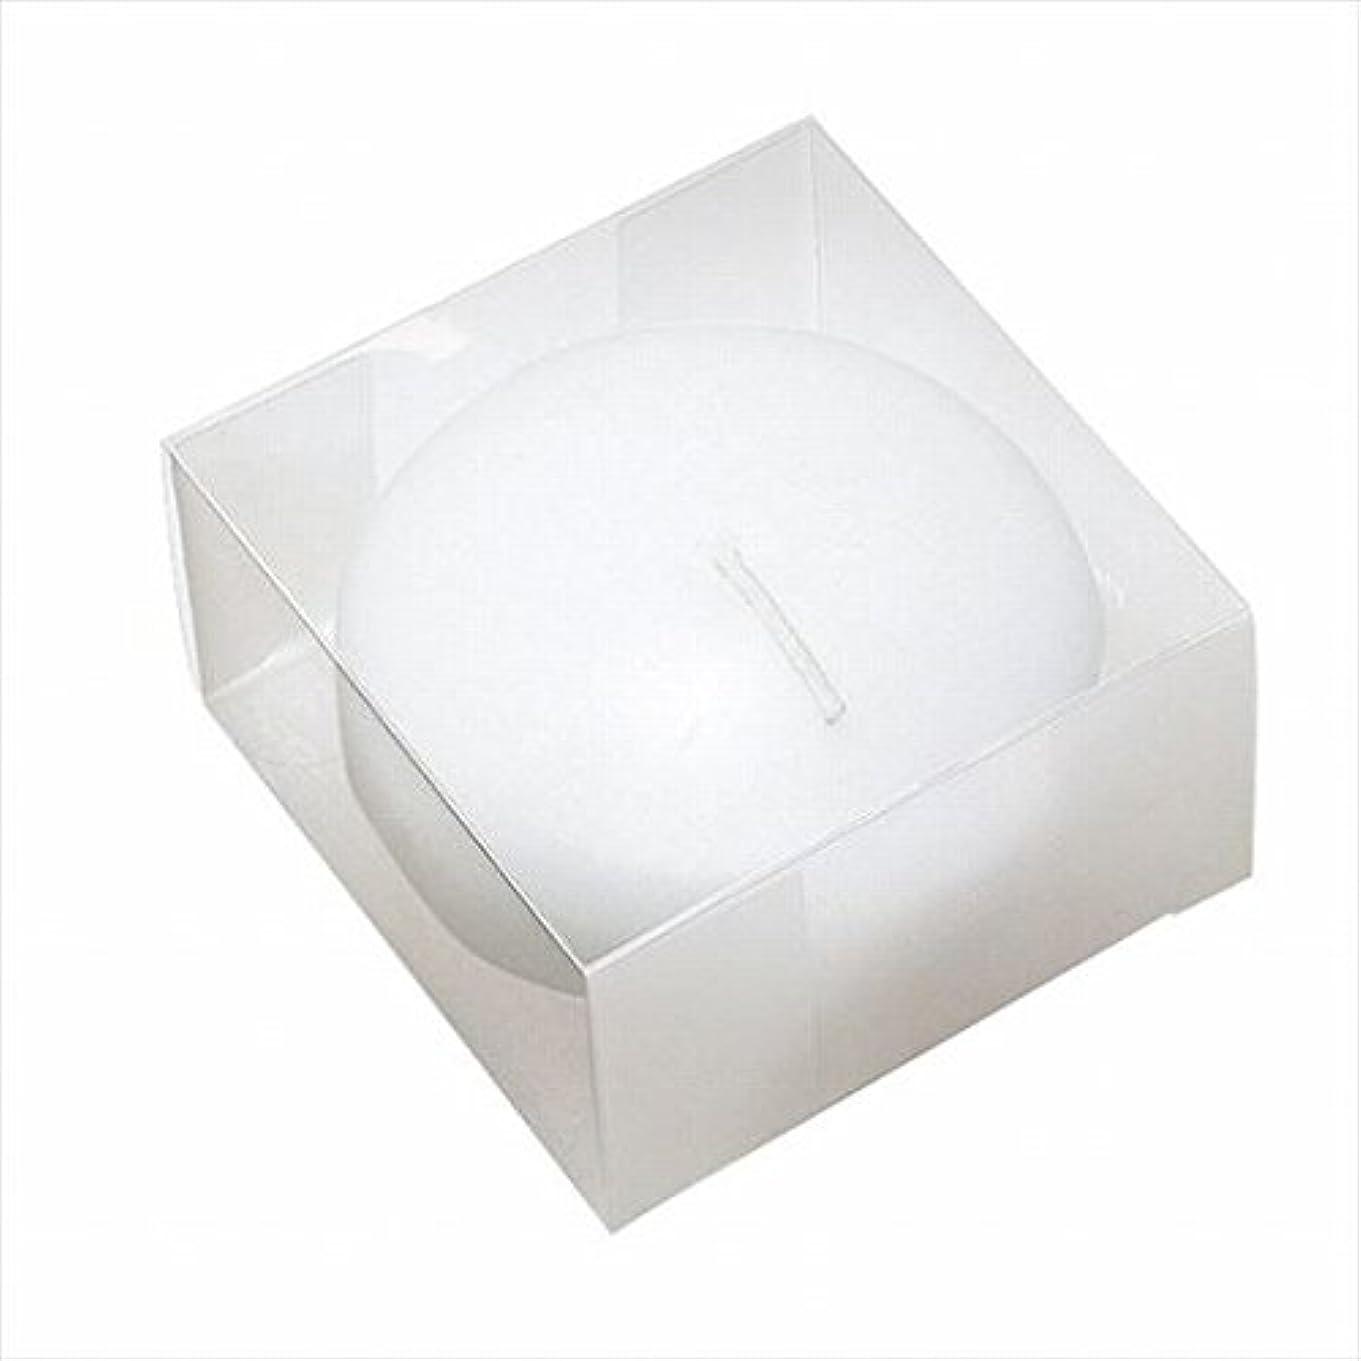 潜水艦エスニック大きいカメヤマキャンドル(kameyama candle) プール80(箱入り) 「 ホワイト 」